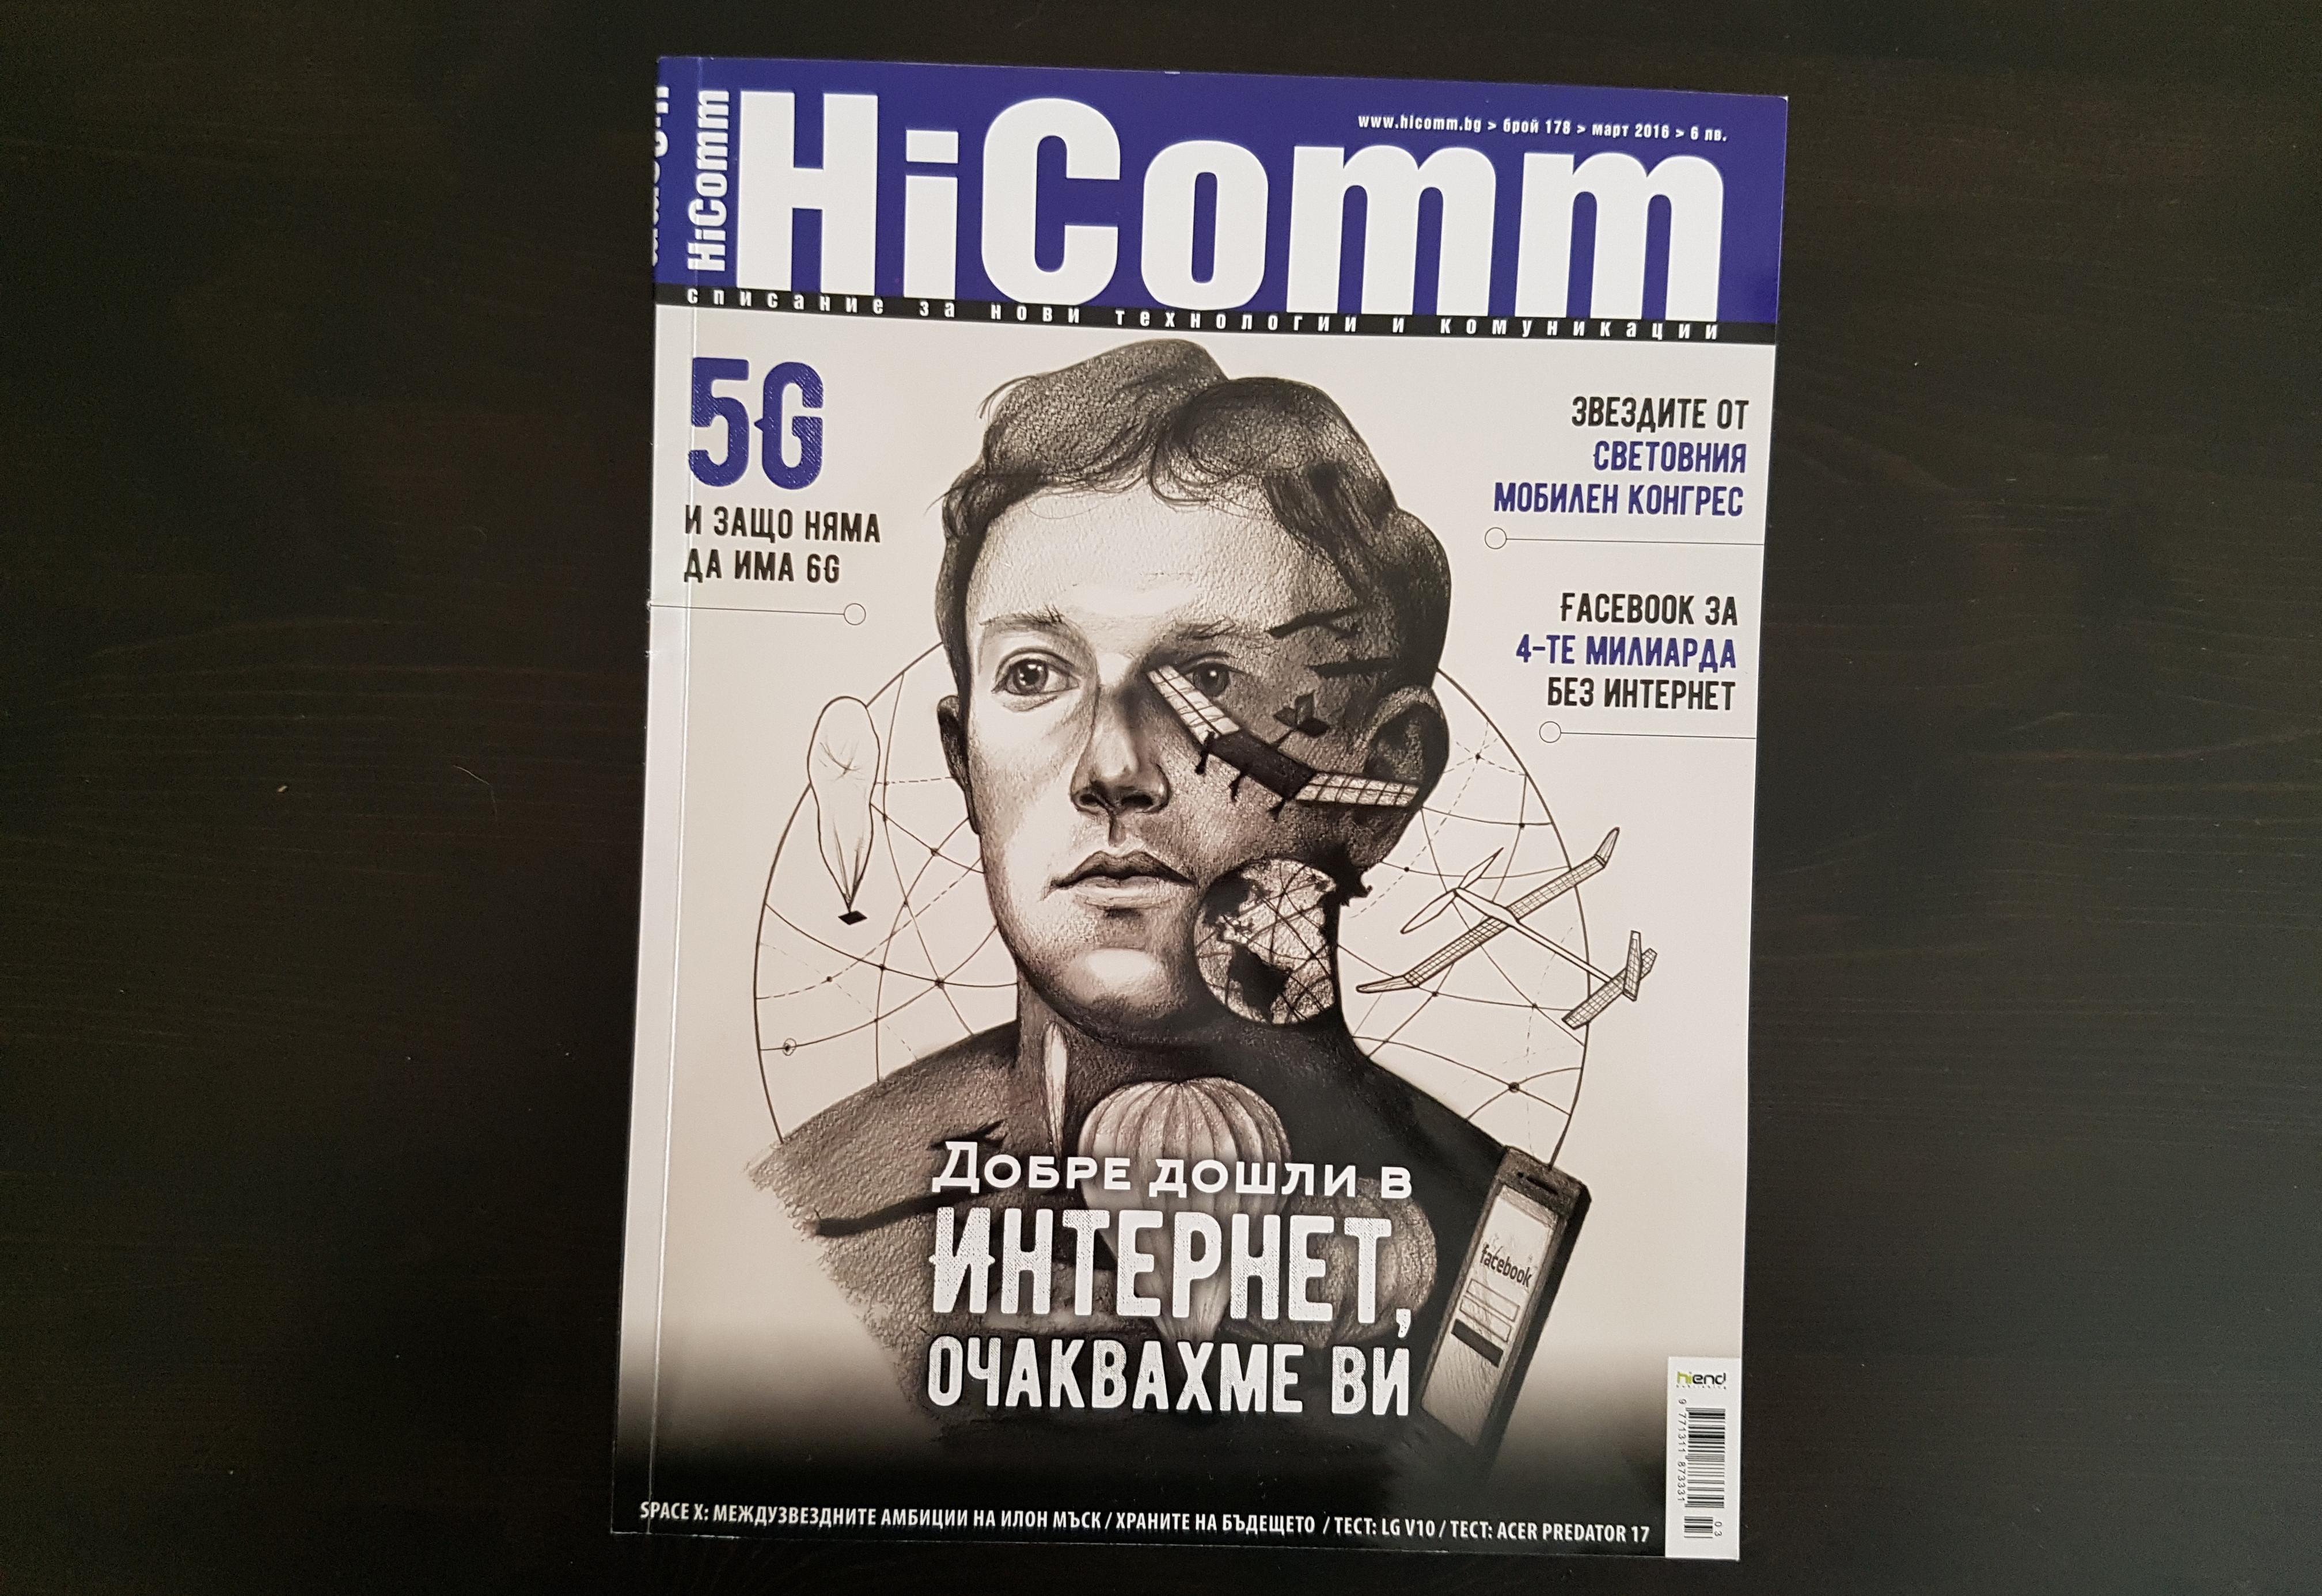 Мечтата за световния уеб и бъдещето на интернет в новия брой на списание HiComm